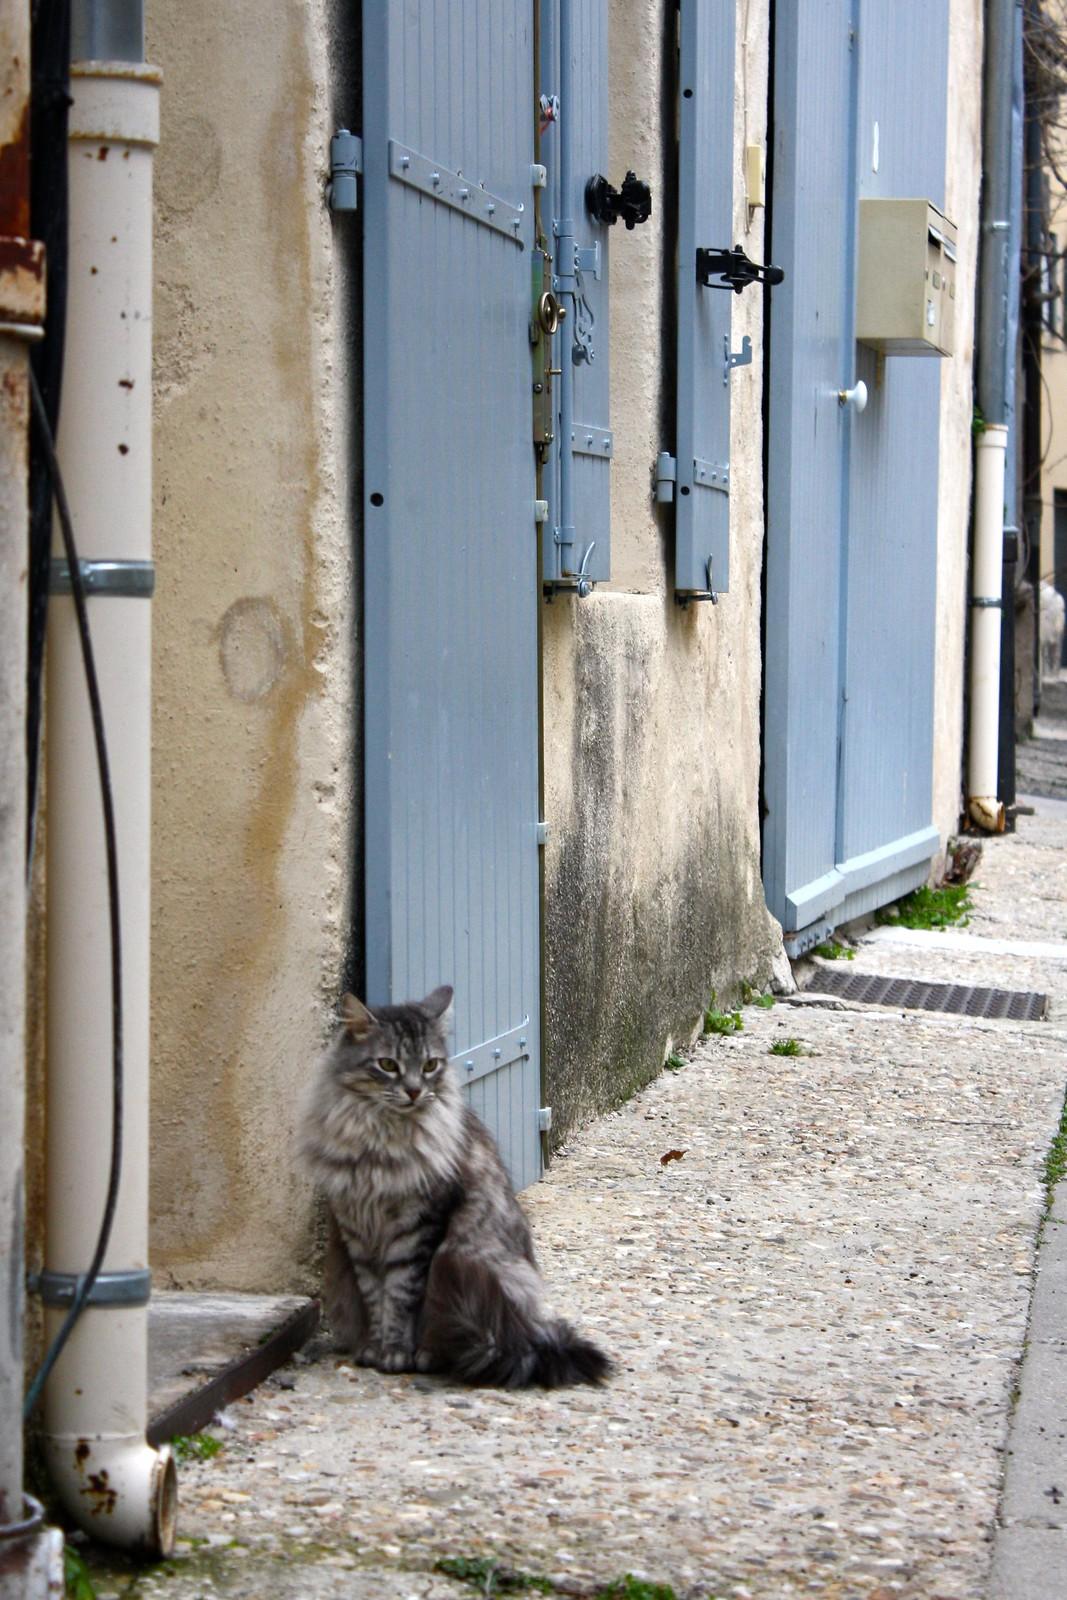 Villeneuve-lès-Avignon, France